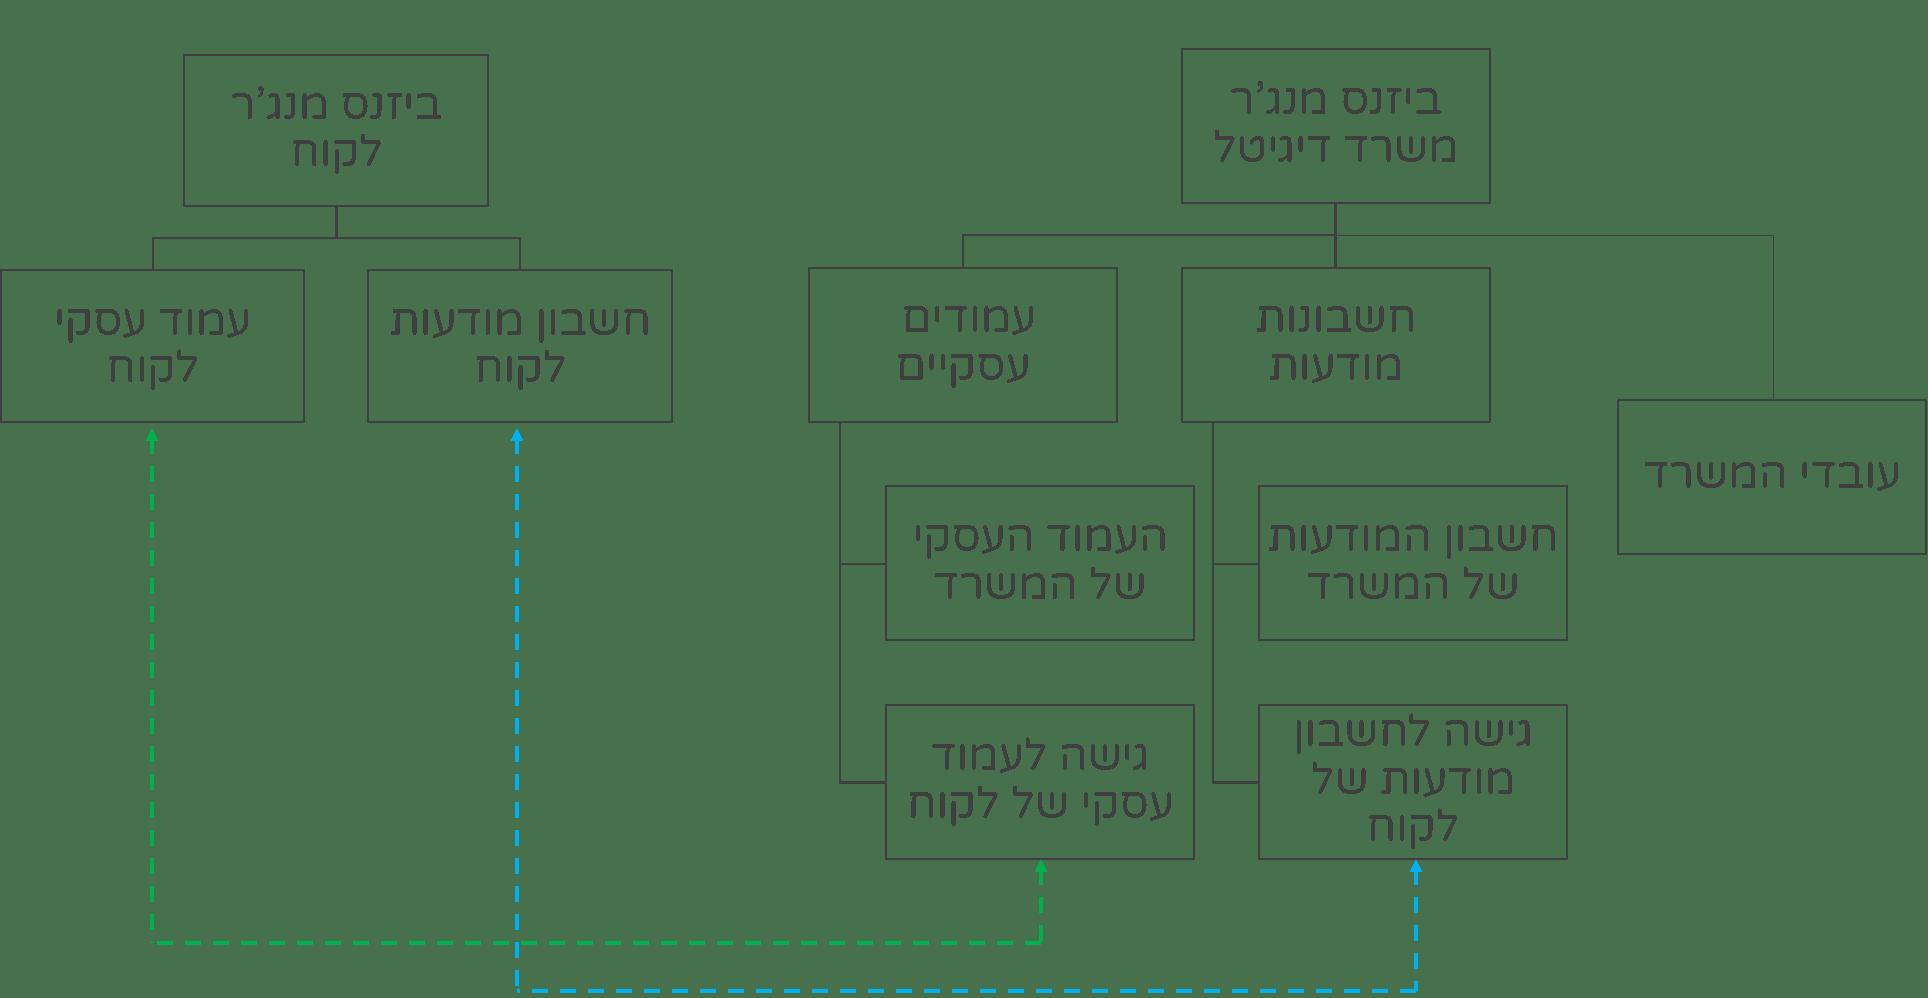 מבנה התנהלות ביזנס מנג'ר